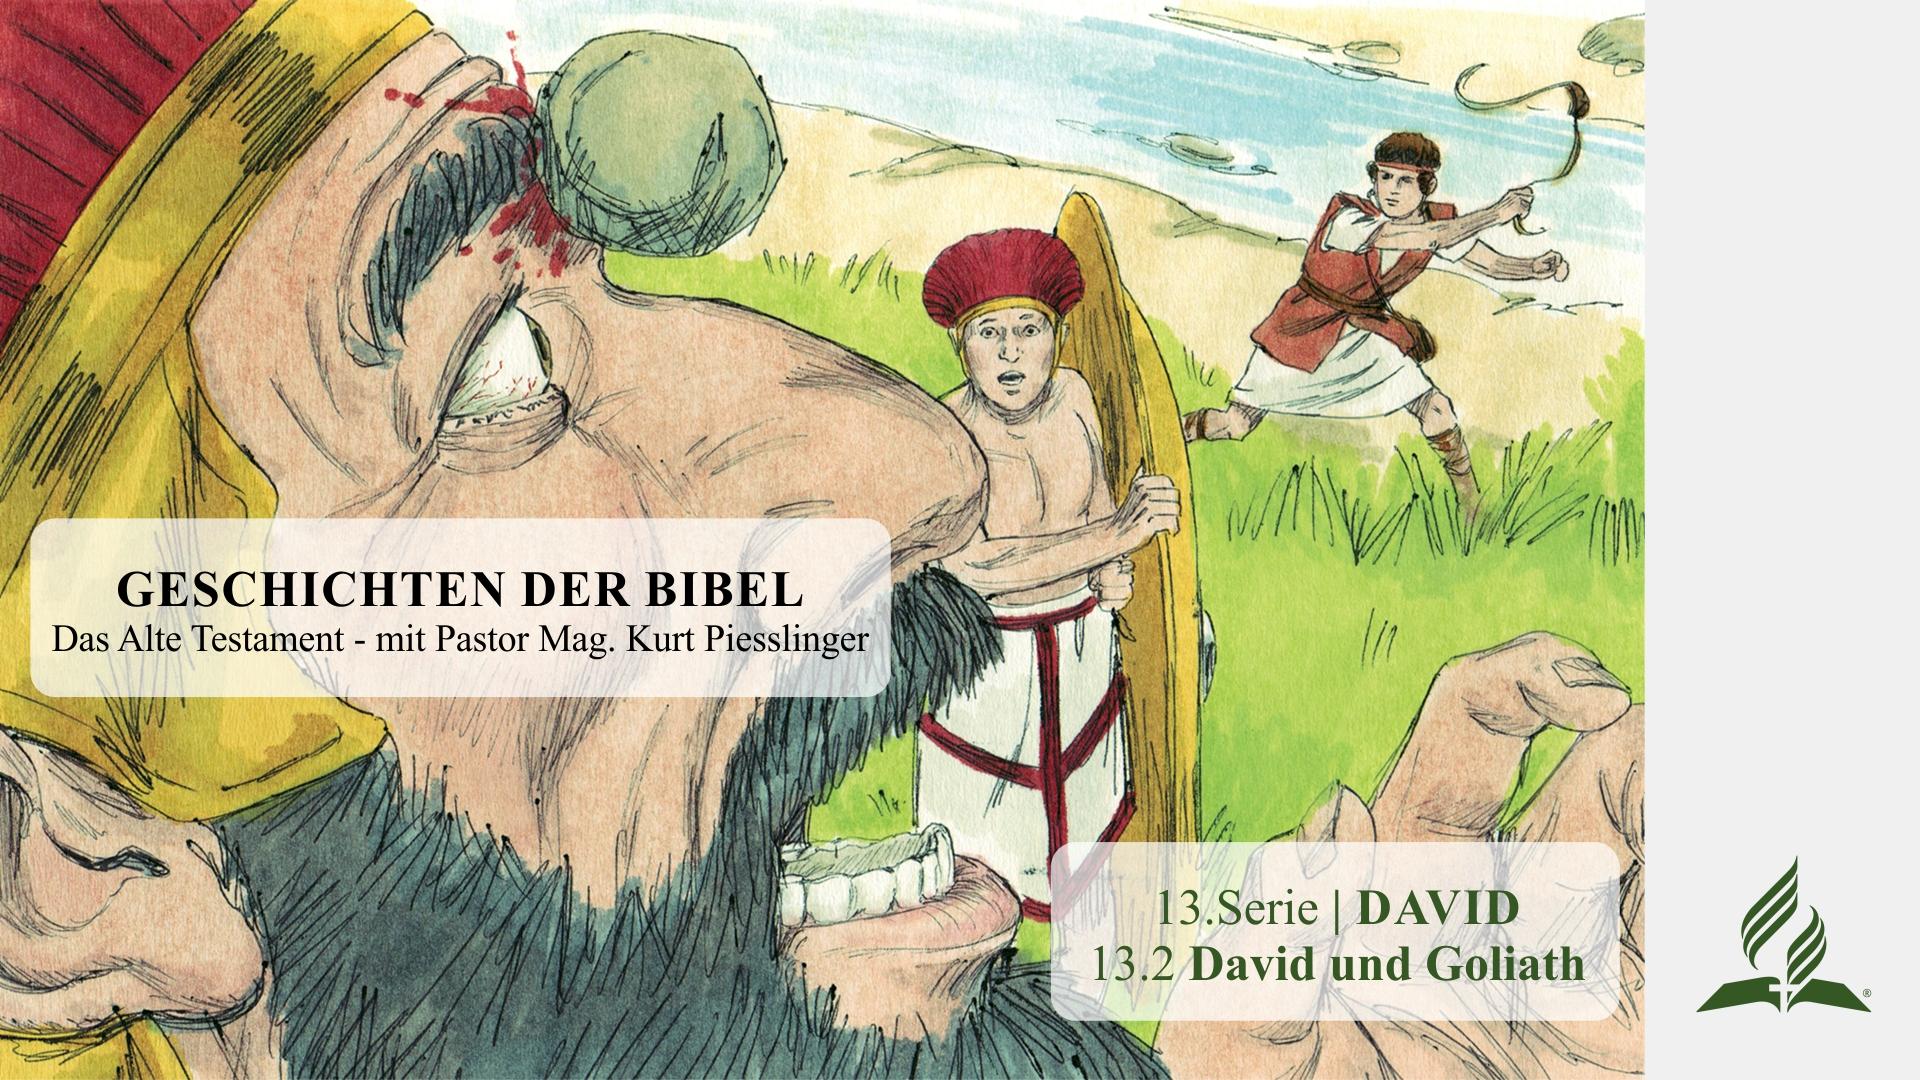 GESCHICHTEN DER BIBEL: 13.2 David und Goliath – 13.DAVID | Pastor Mag. Kurt Piesslinger